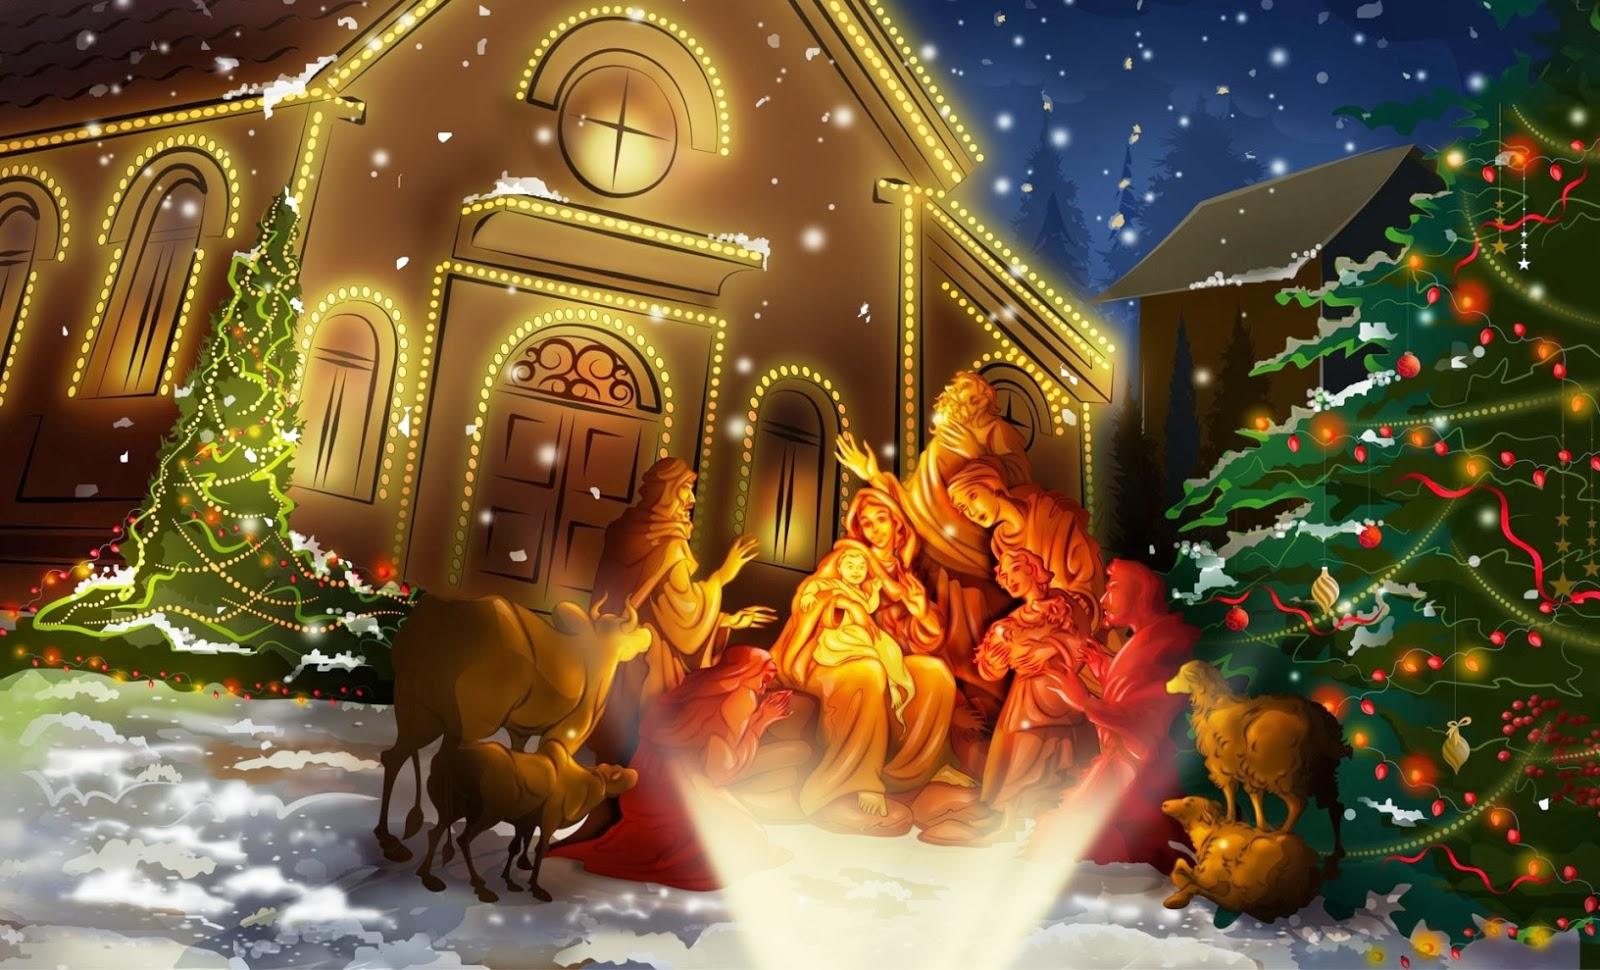 Fondos De Pantalla Navidenos Gratis: Imágenes De Navidad Cristianas